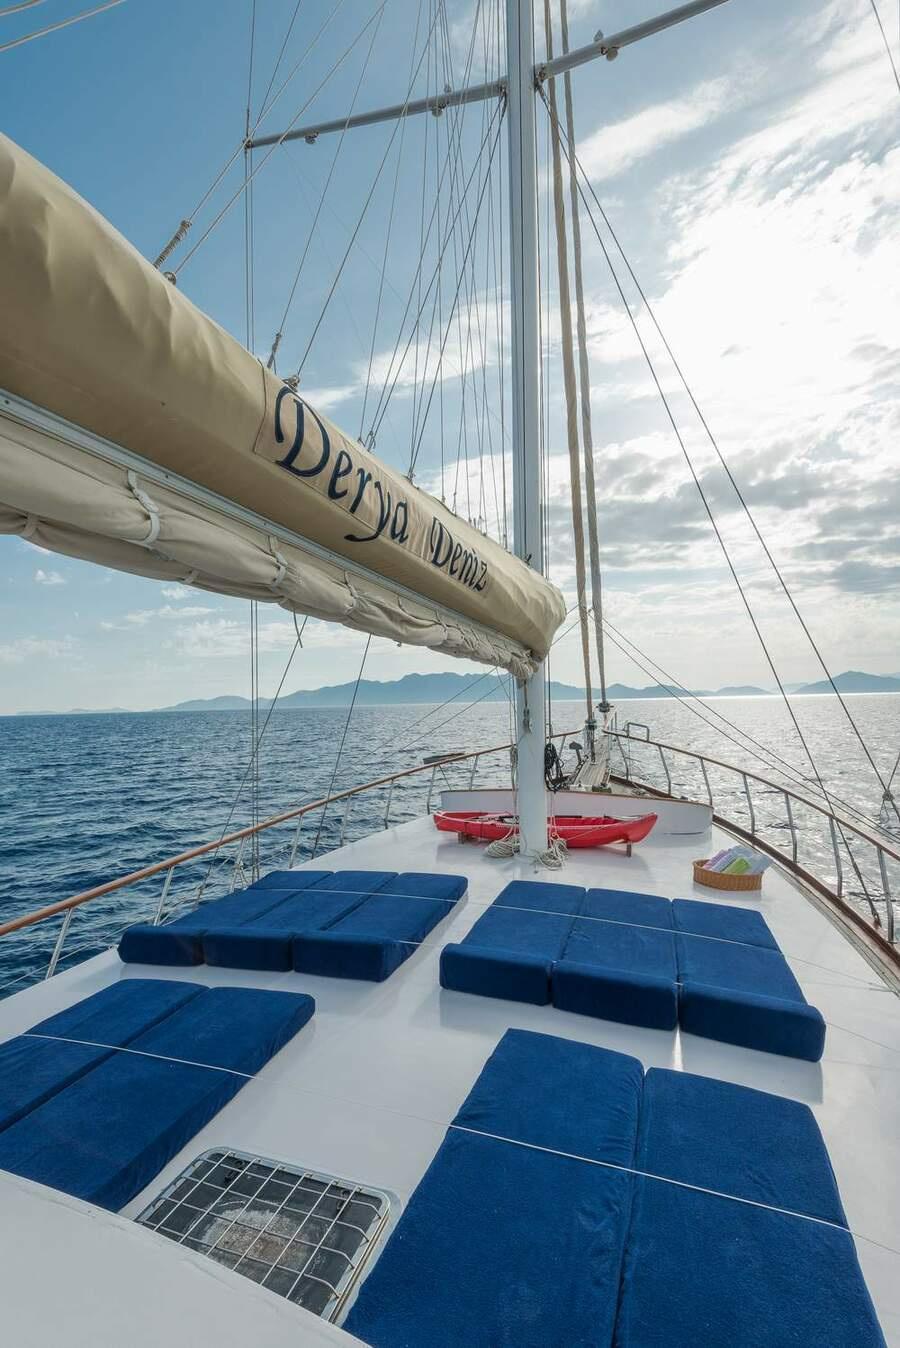 Motor Sailor (Derya Deniz)  - 11